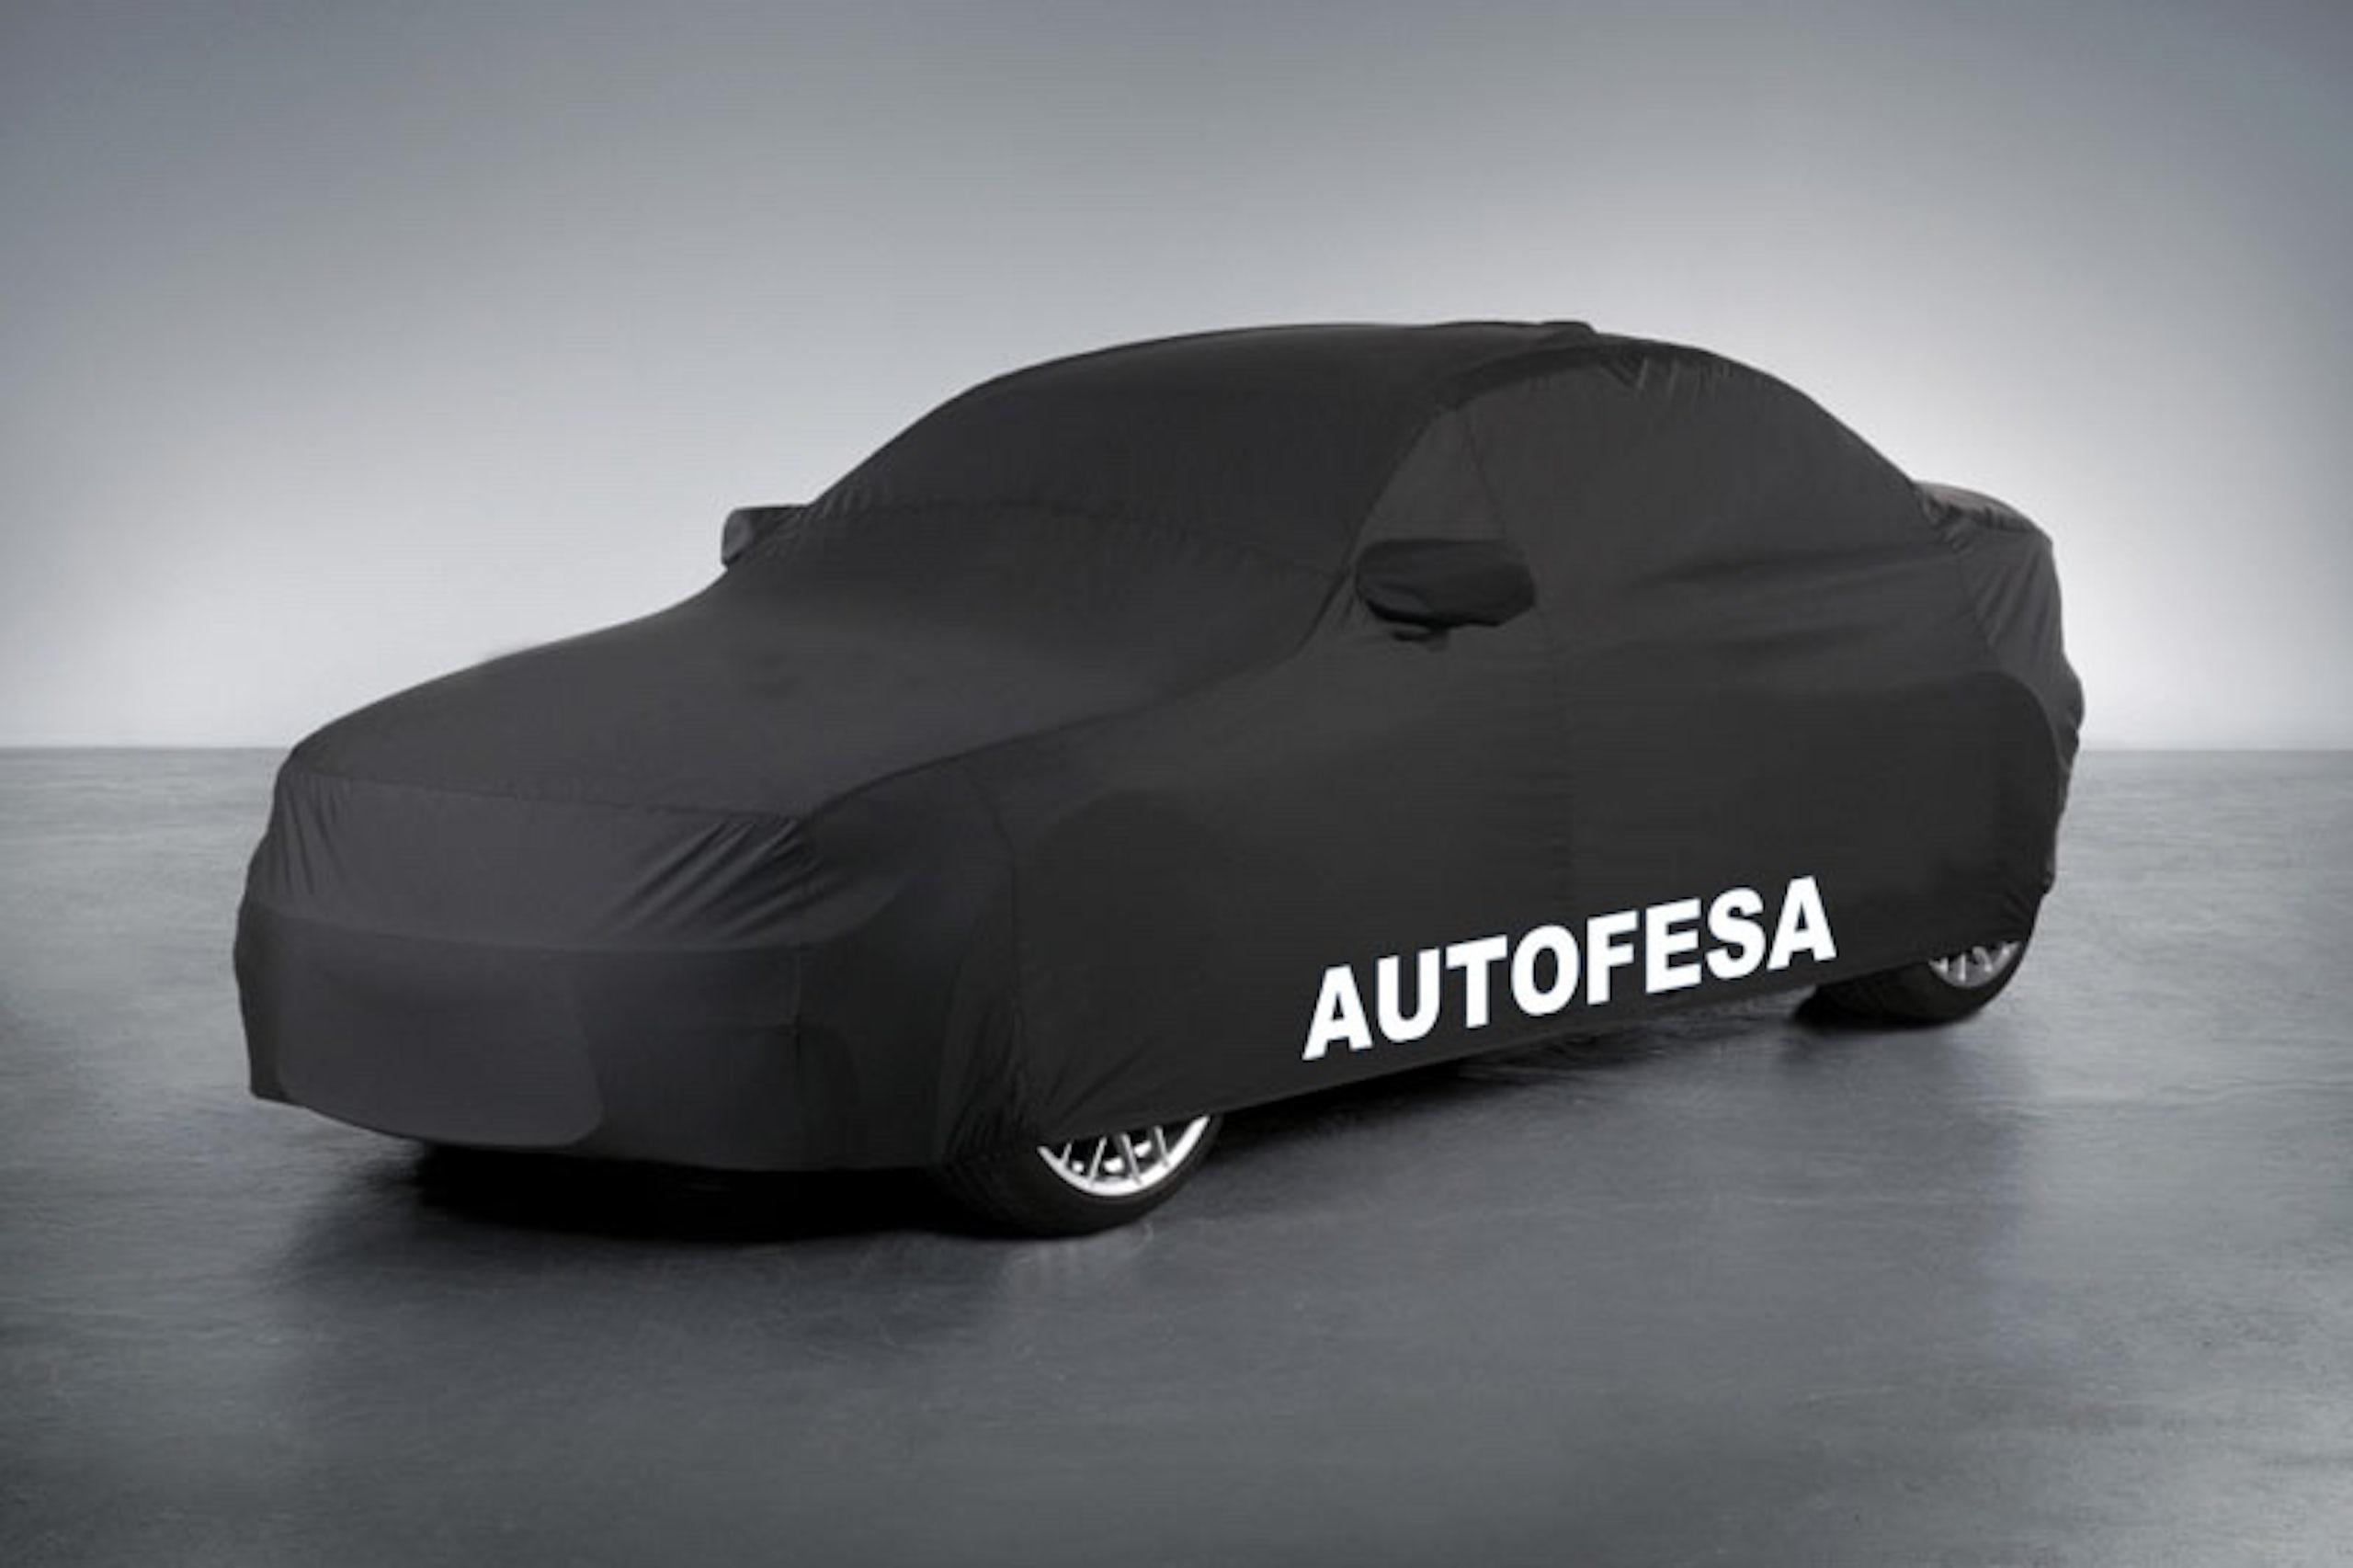 Audi A4 Avant 2.0 TDI 190cv quattro 5p S tronic Auto S/S - Foto 32